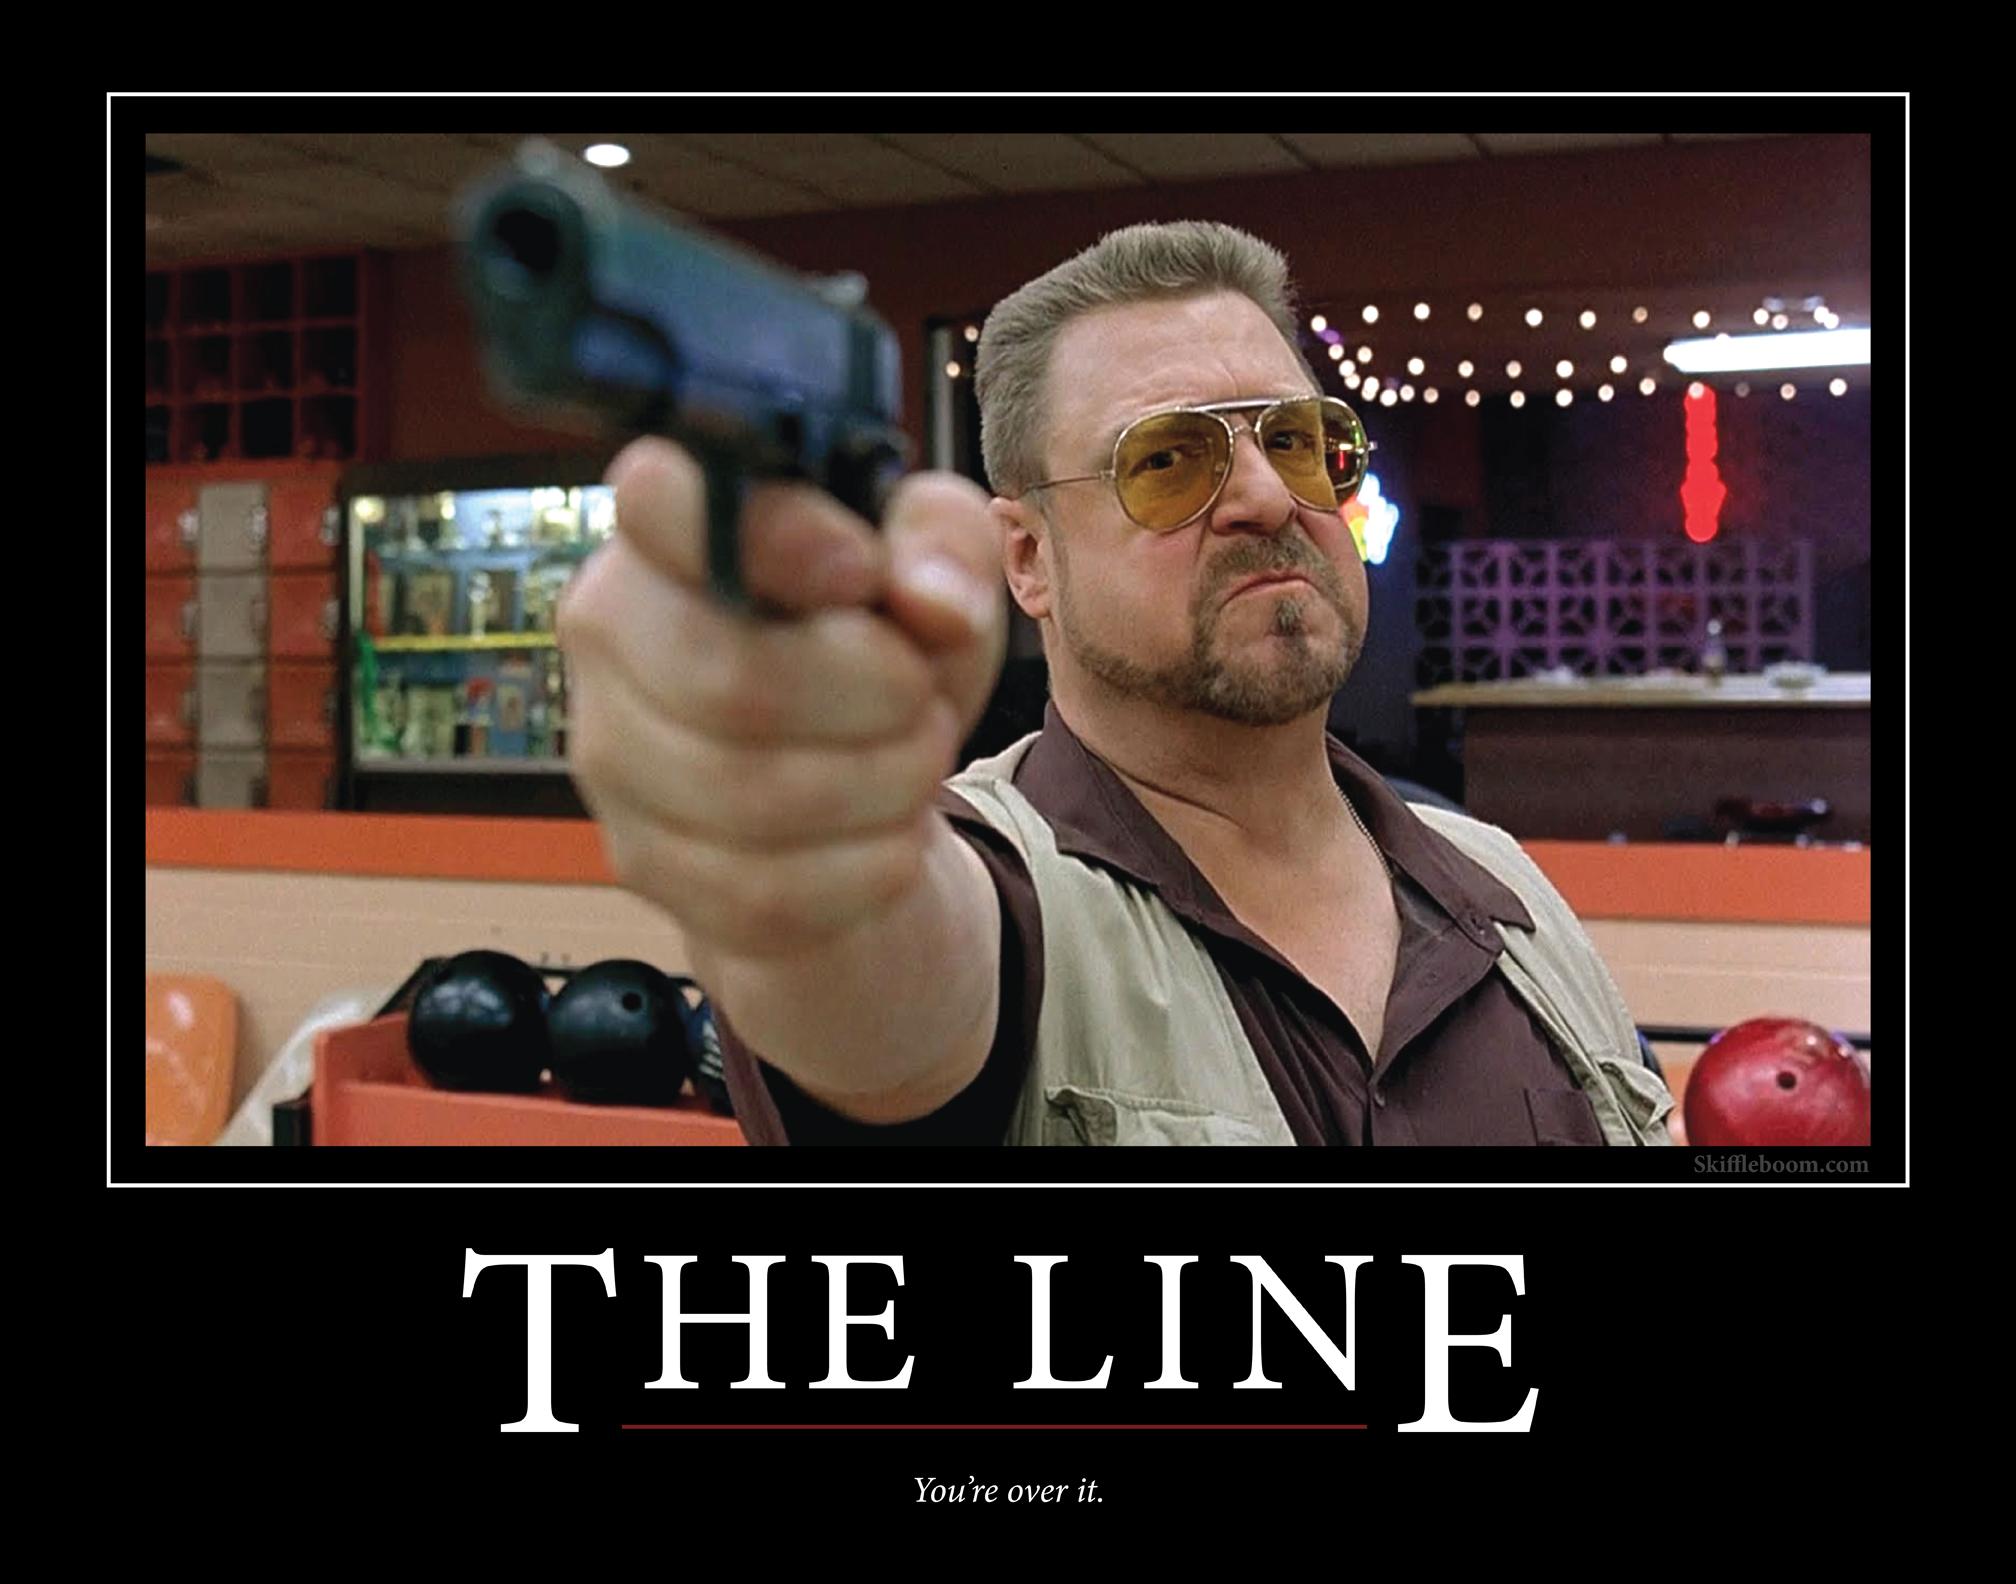 680187255d Walter Sobchak Motivational Poster – Over the Line  Skiffleboom.com ...